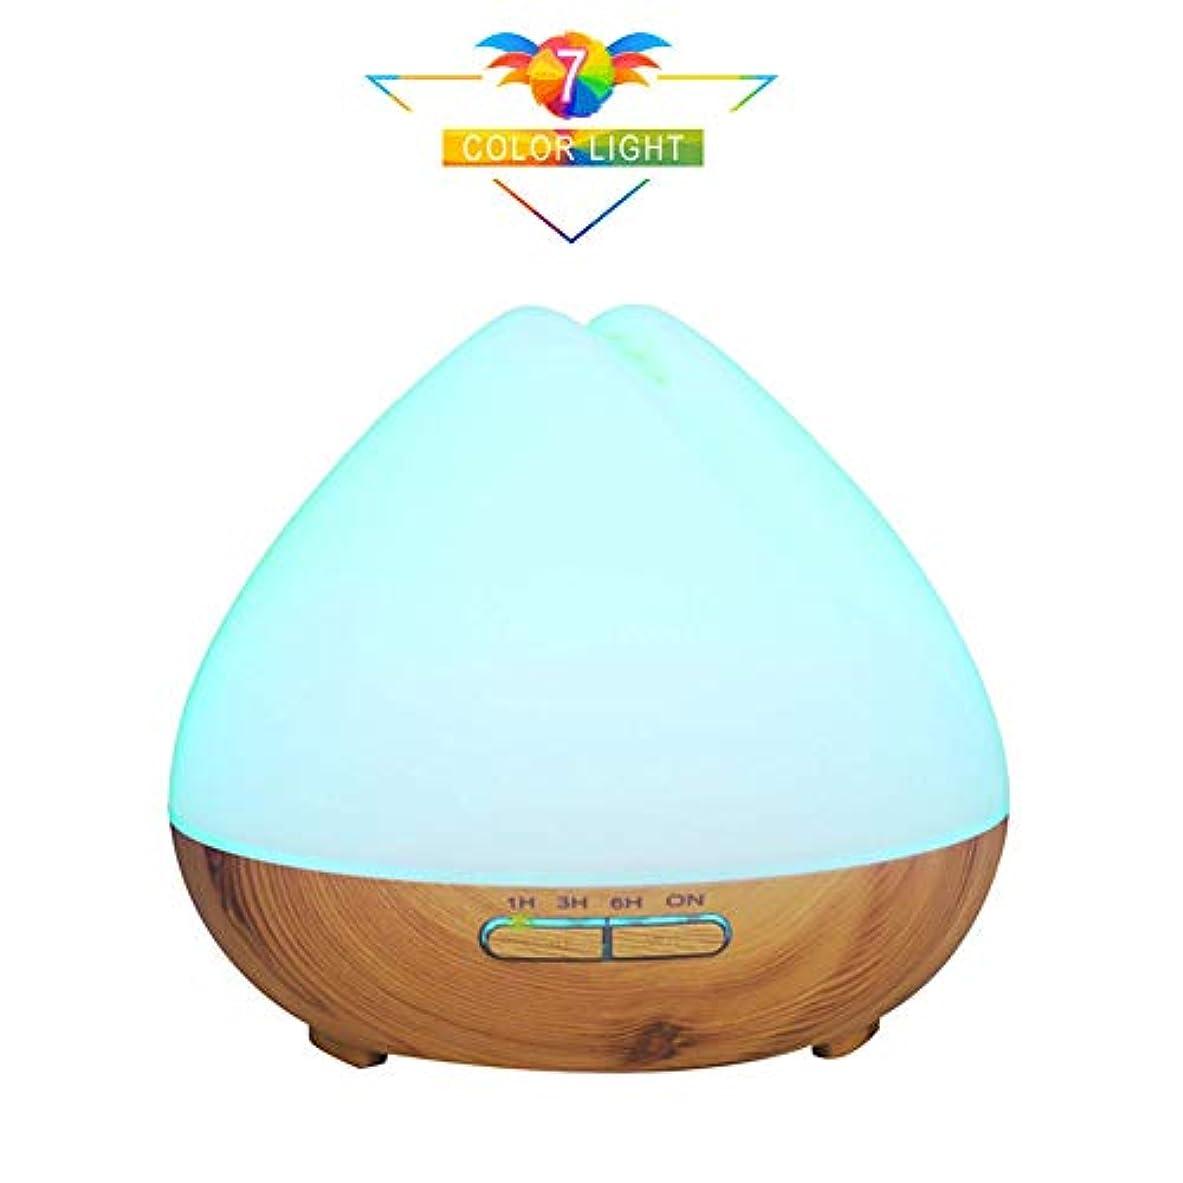 レギュラー偏心インストール400ミリリットルアロマエッセンシャルオイルディフューザー、クールミストアロマディフューザー7色を設定する4タイマーLEDライト